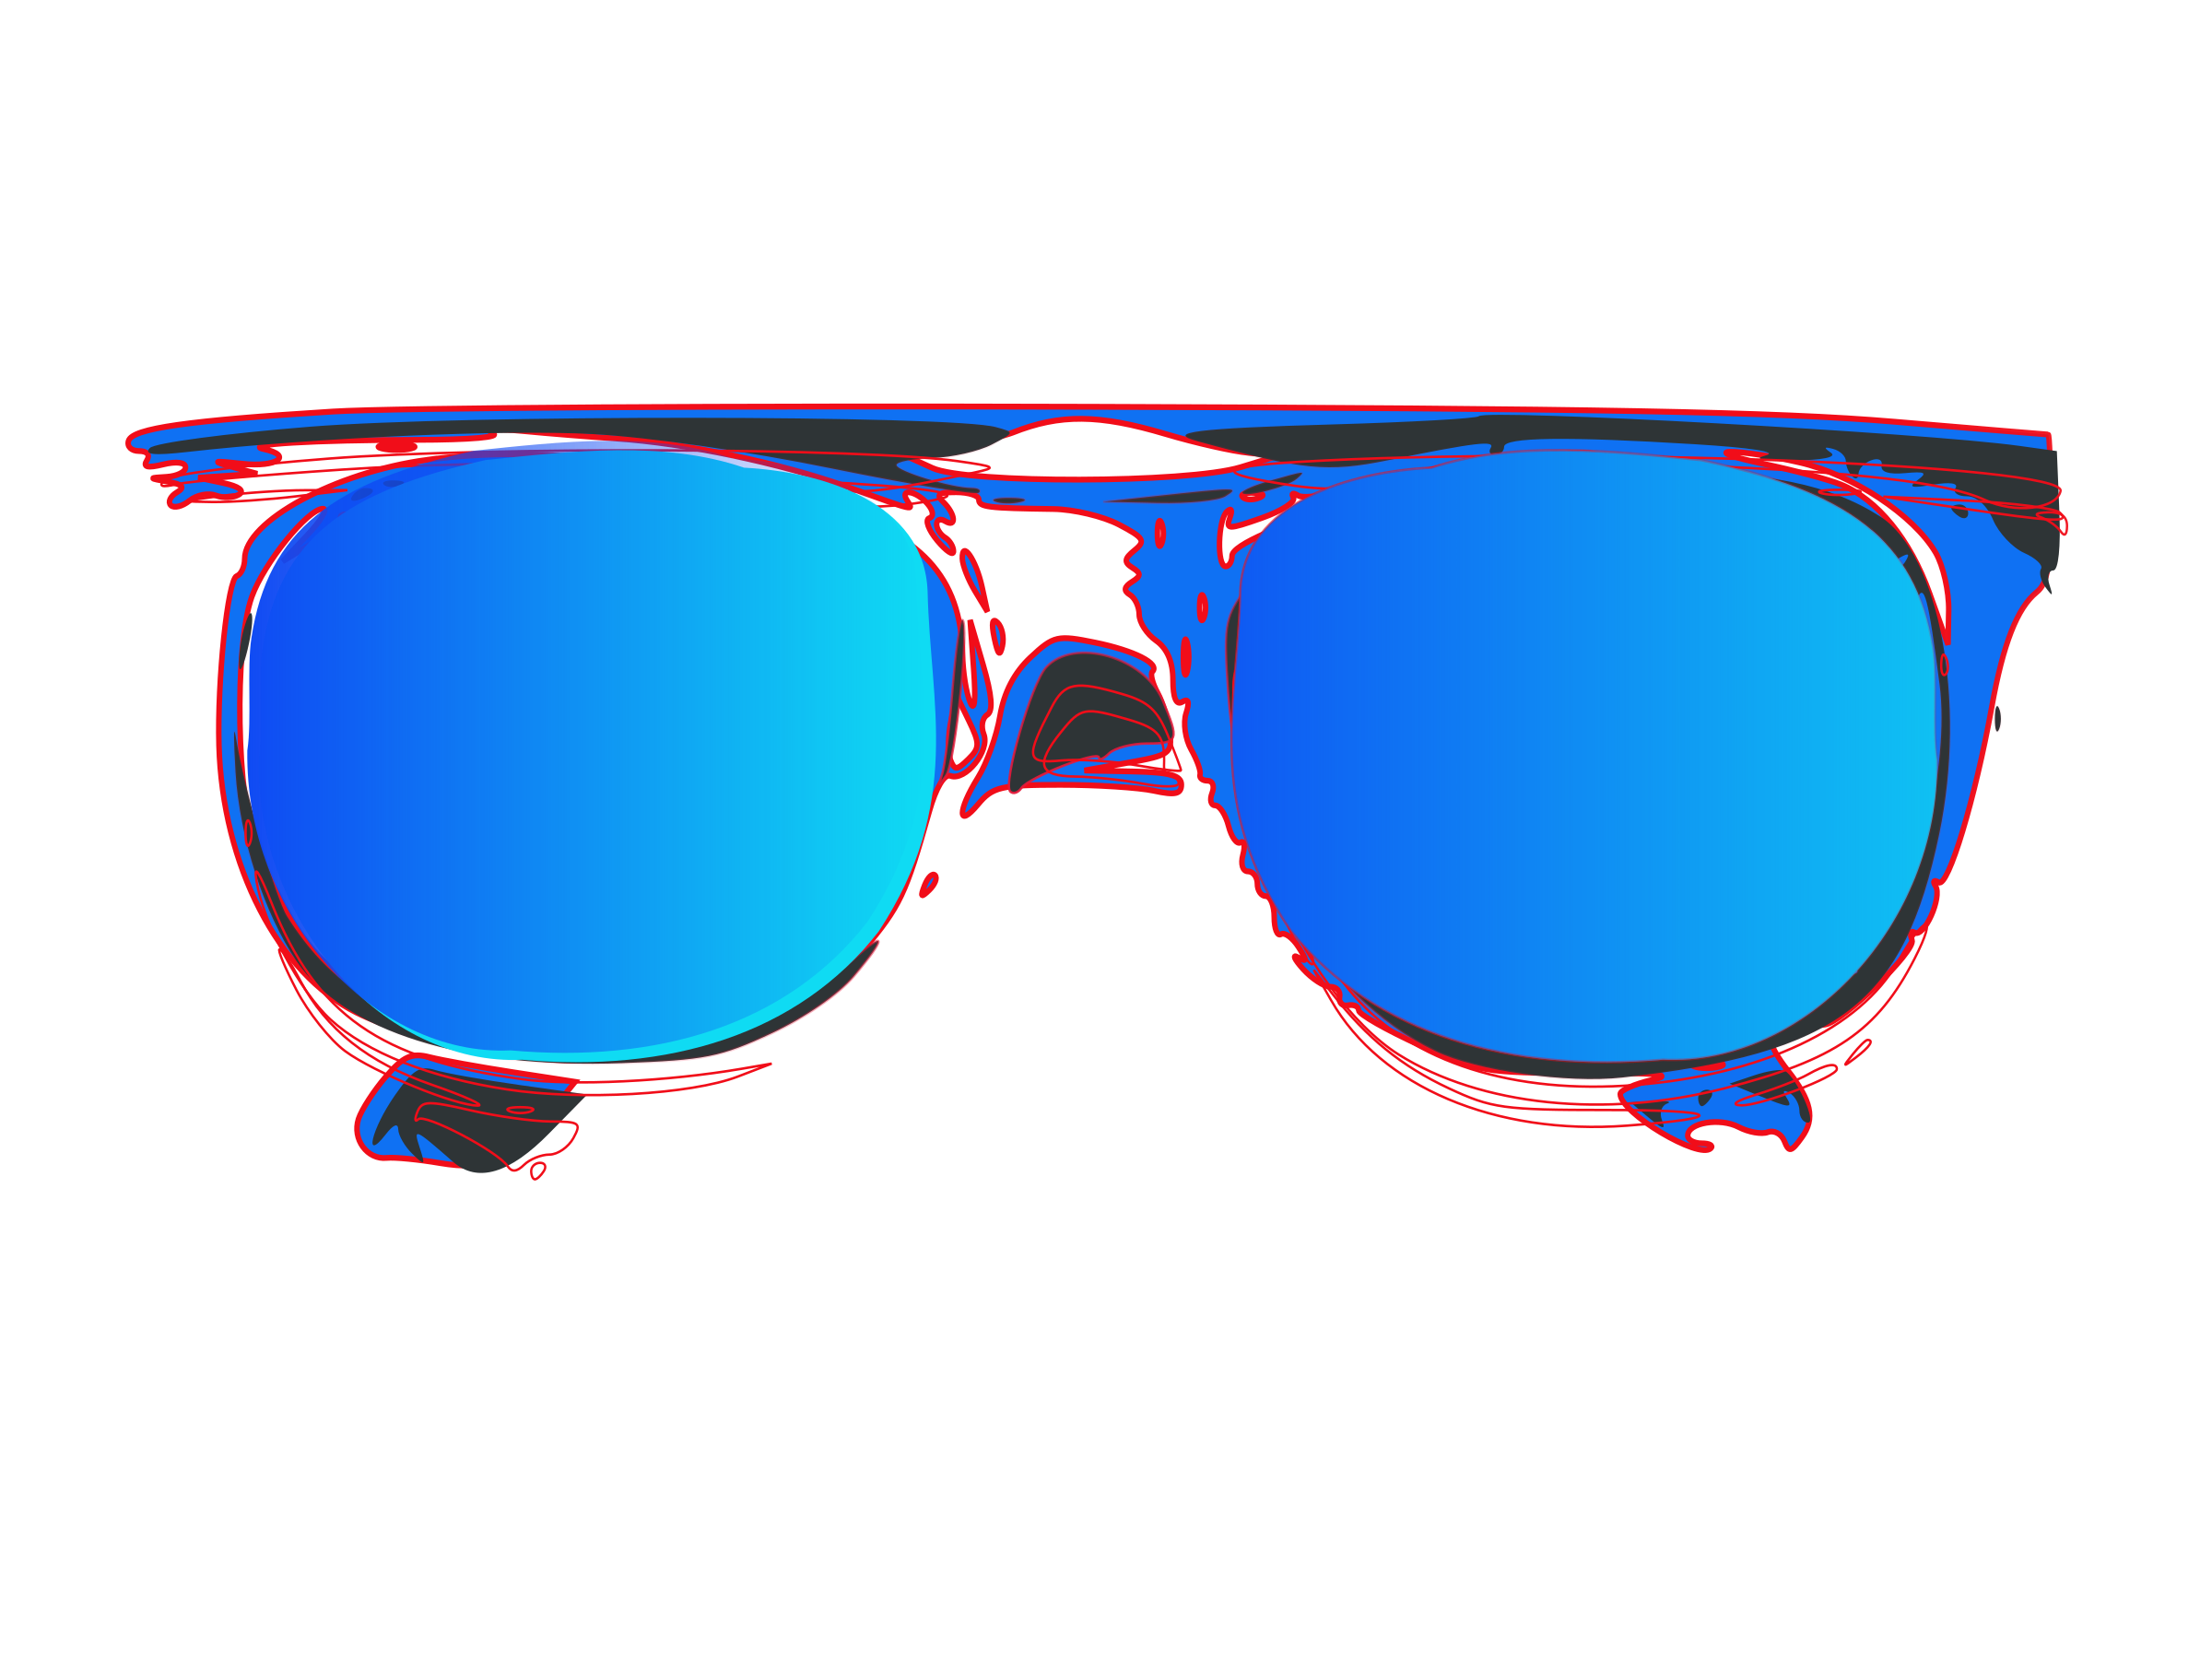 Small clipart sunglass Clipart sunglasses sunglasses